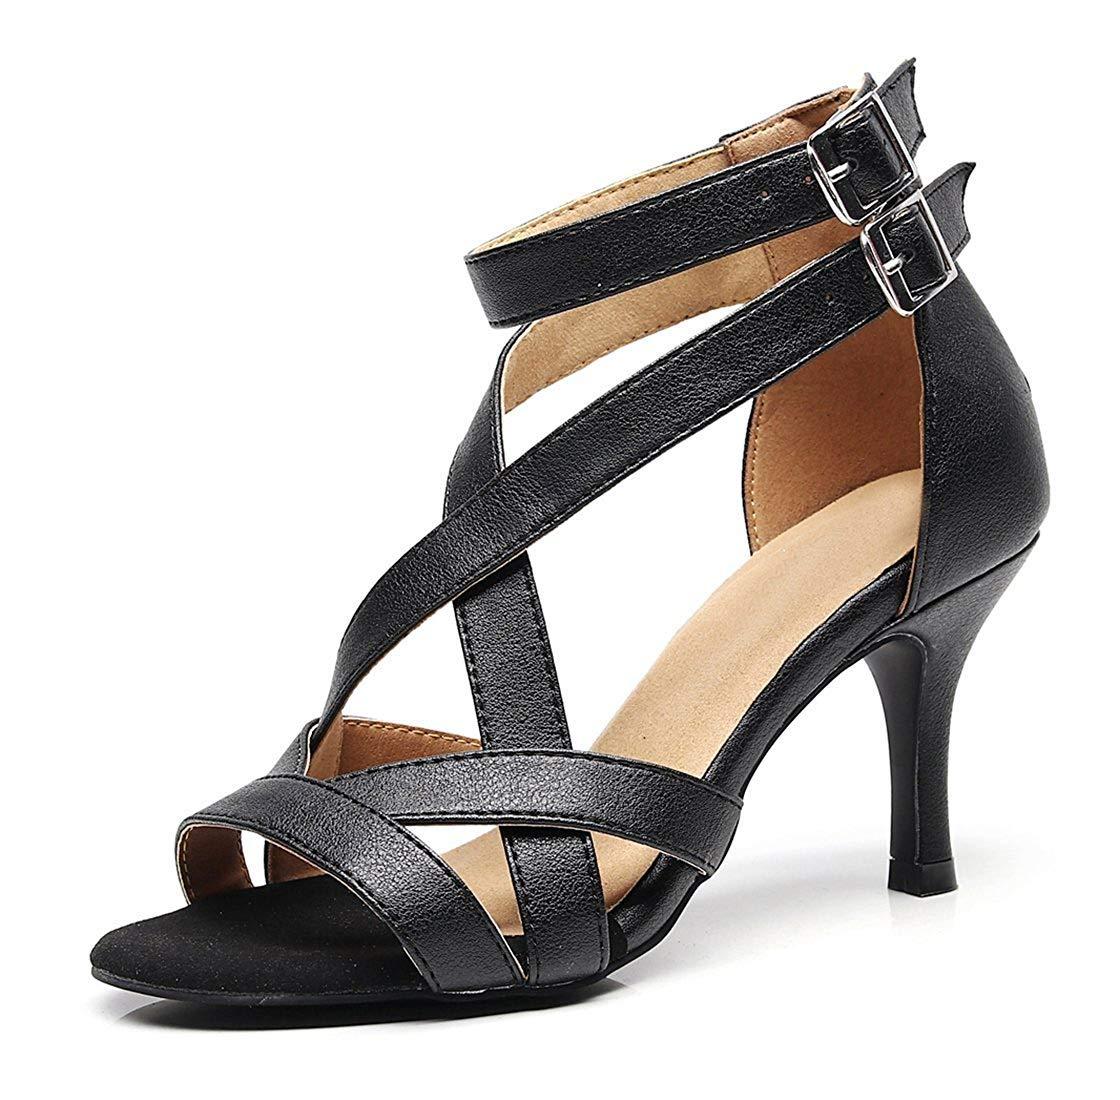 HhGold Damen weiche Gummisohle Knöchelriemen schwarz Latin Salsa Tanzschuhe Hochzeit Schuhe UK 5.5 (Farbe   - Größe   -)